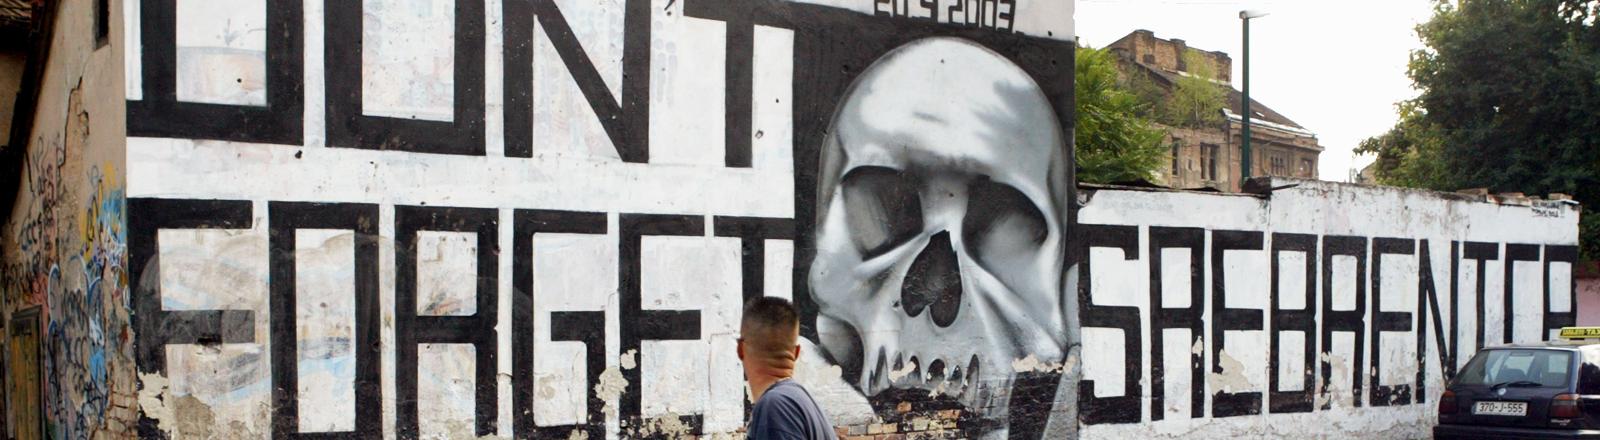 Ein Graffiti erinnert an das Massaker von Srebrenica